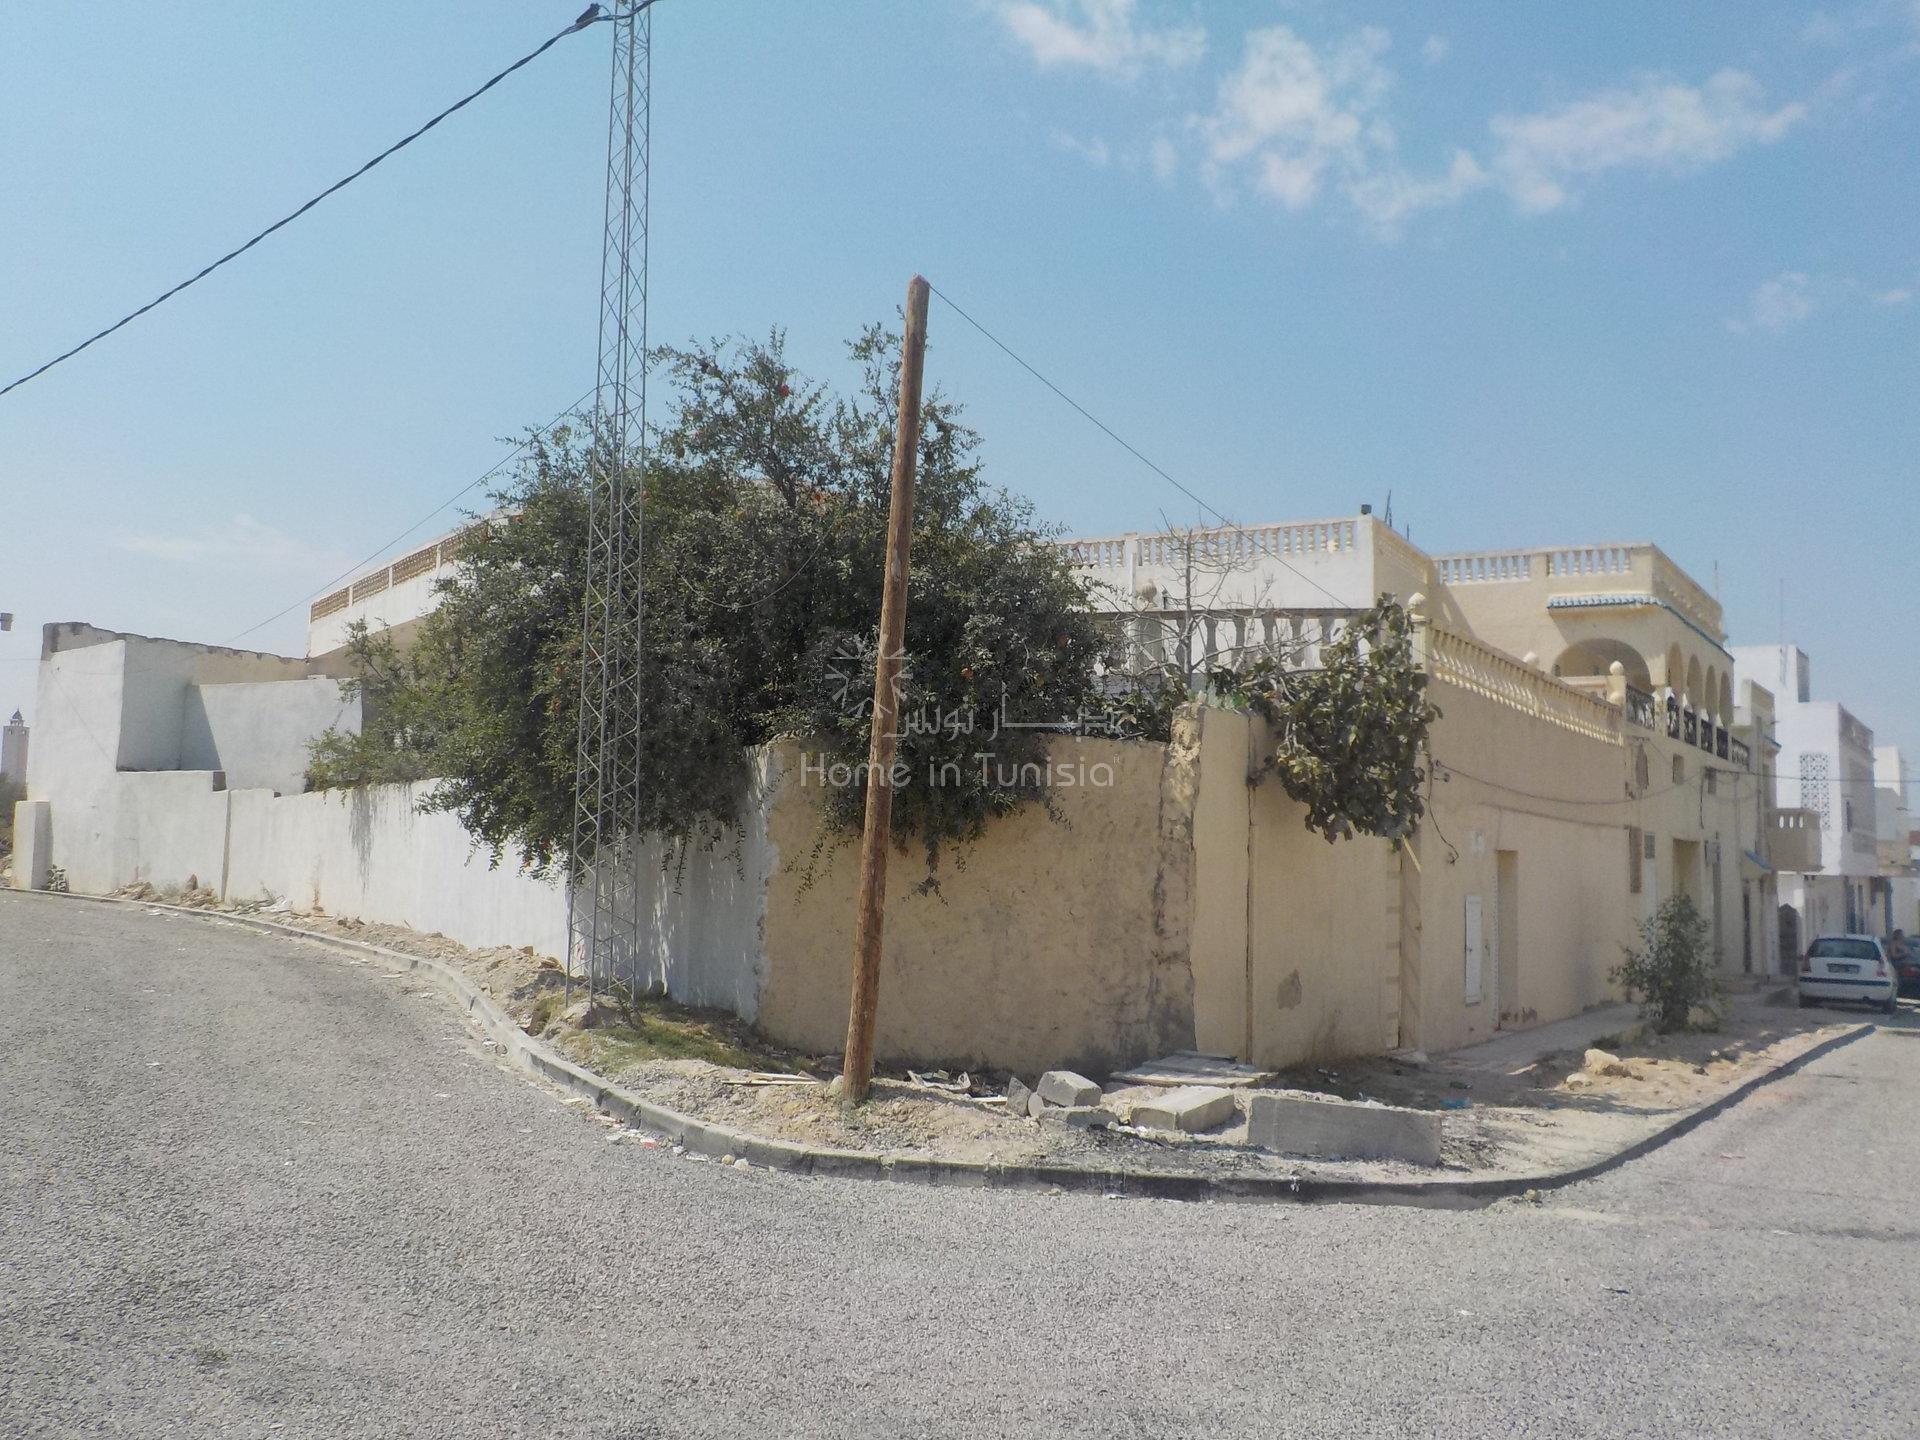 un ensemble immobilier dans un terrain R+6 destinée a la vente a petit prix